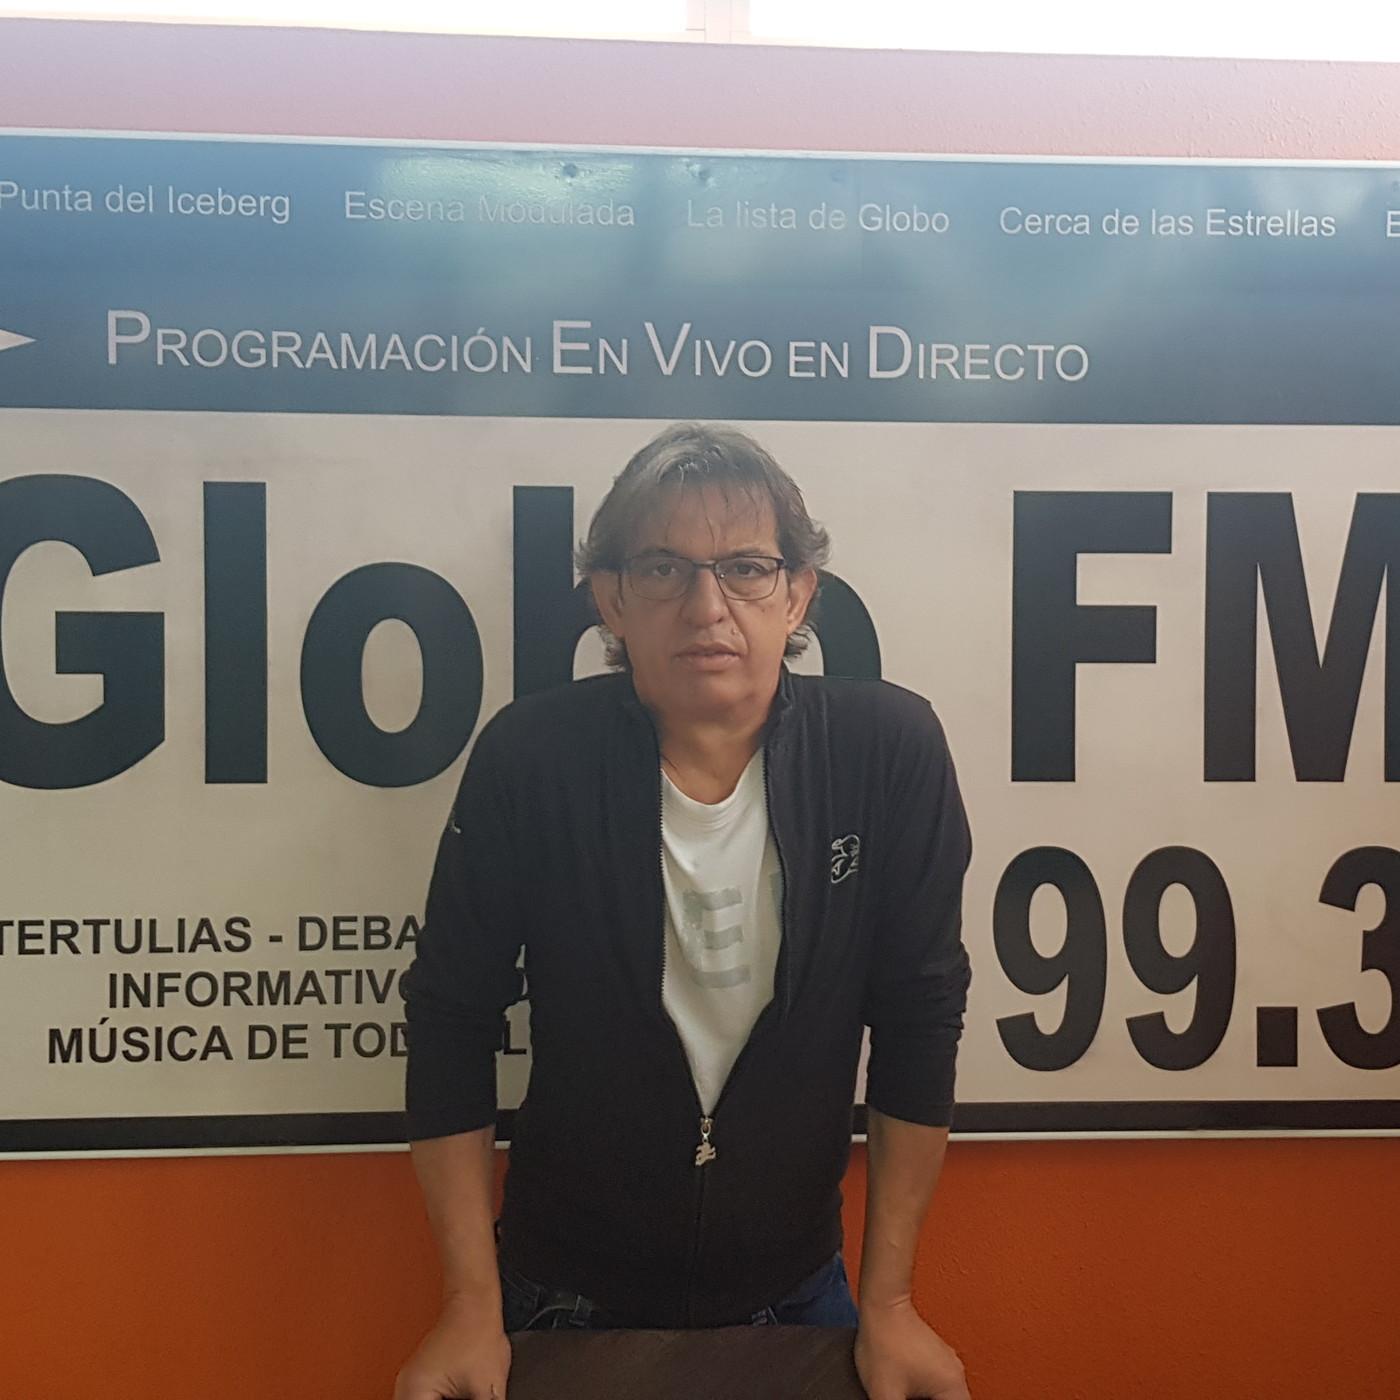 LAS MAÑANAS DE GLOBO. Viernes 22 mayo 2020. Con Miguel Ángel Parejo.